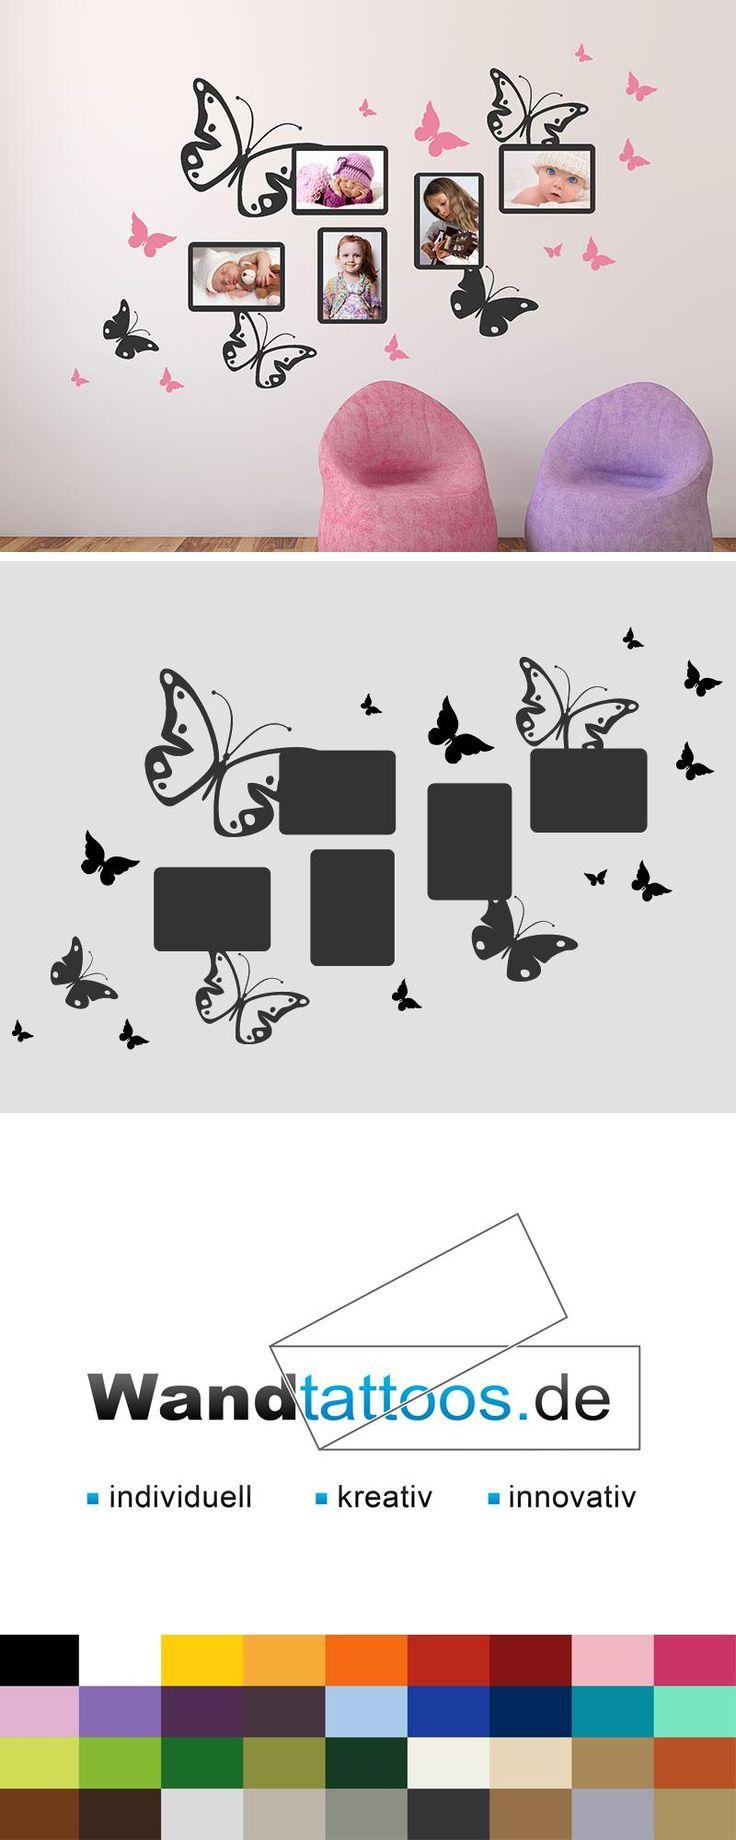 Best Wandtattoo Schmetterlinge mit Fotorahmen